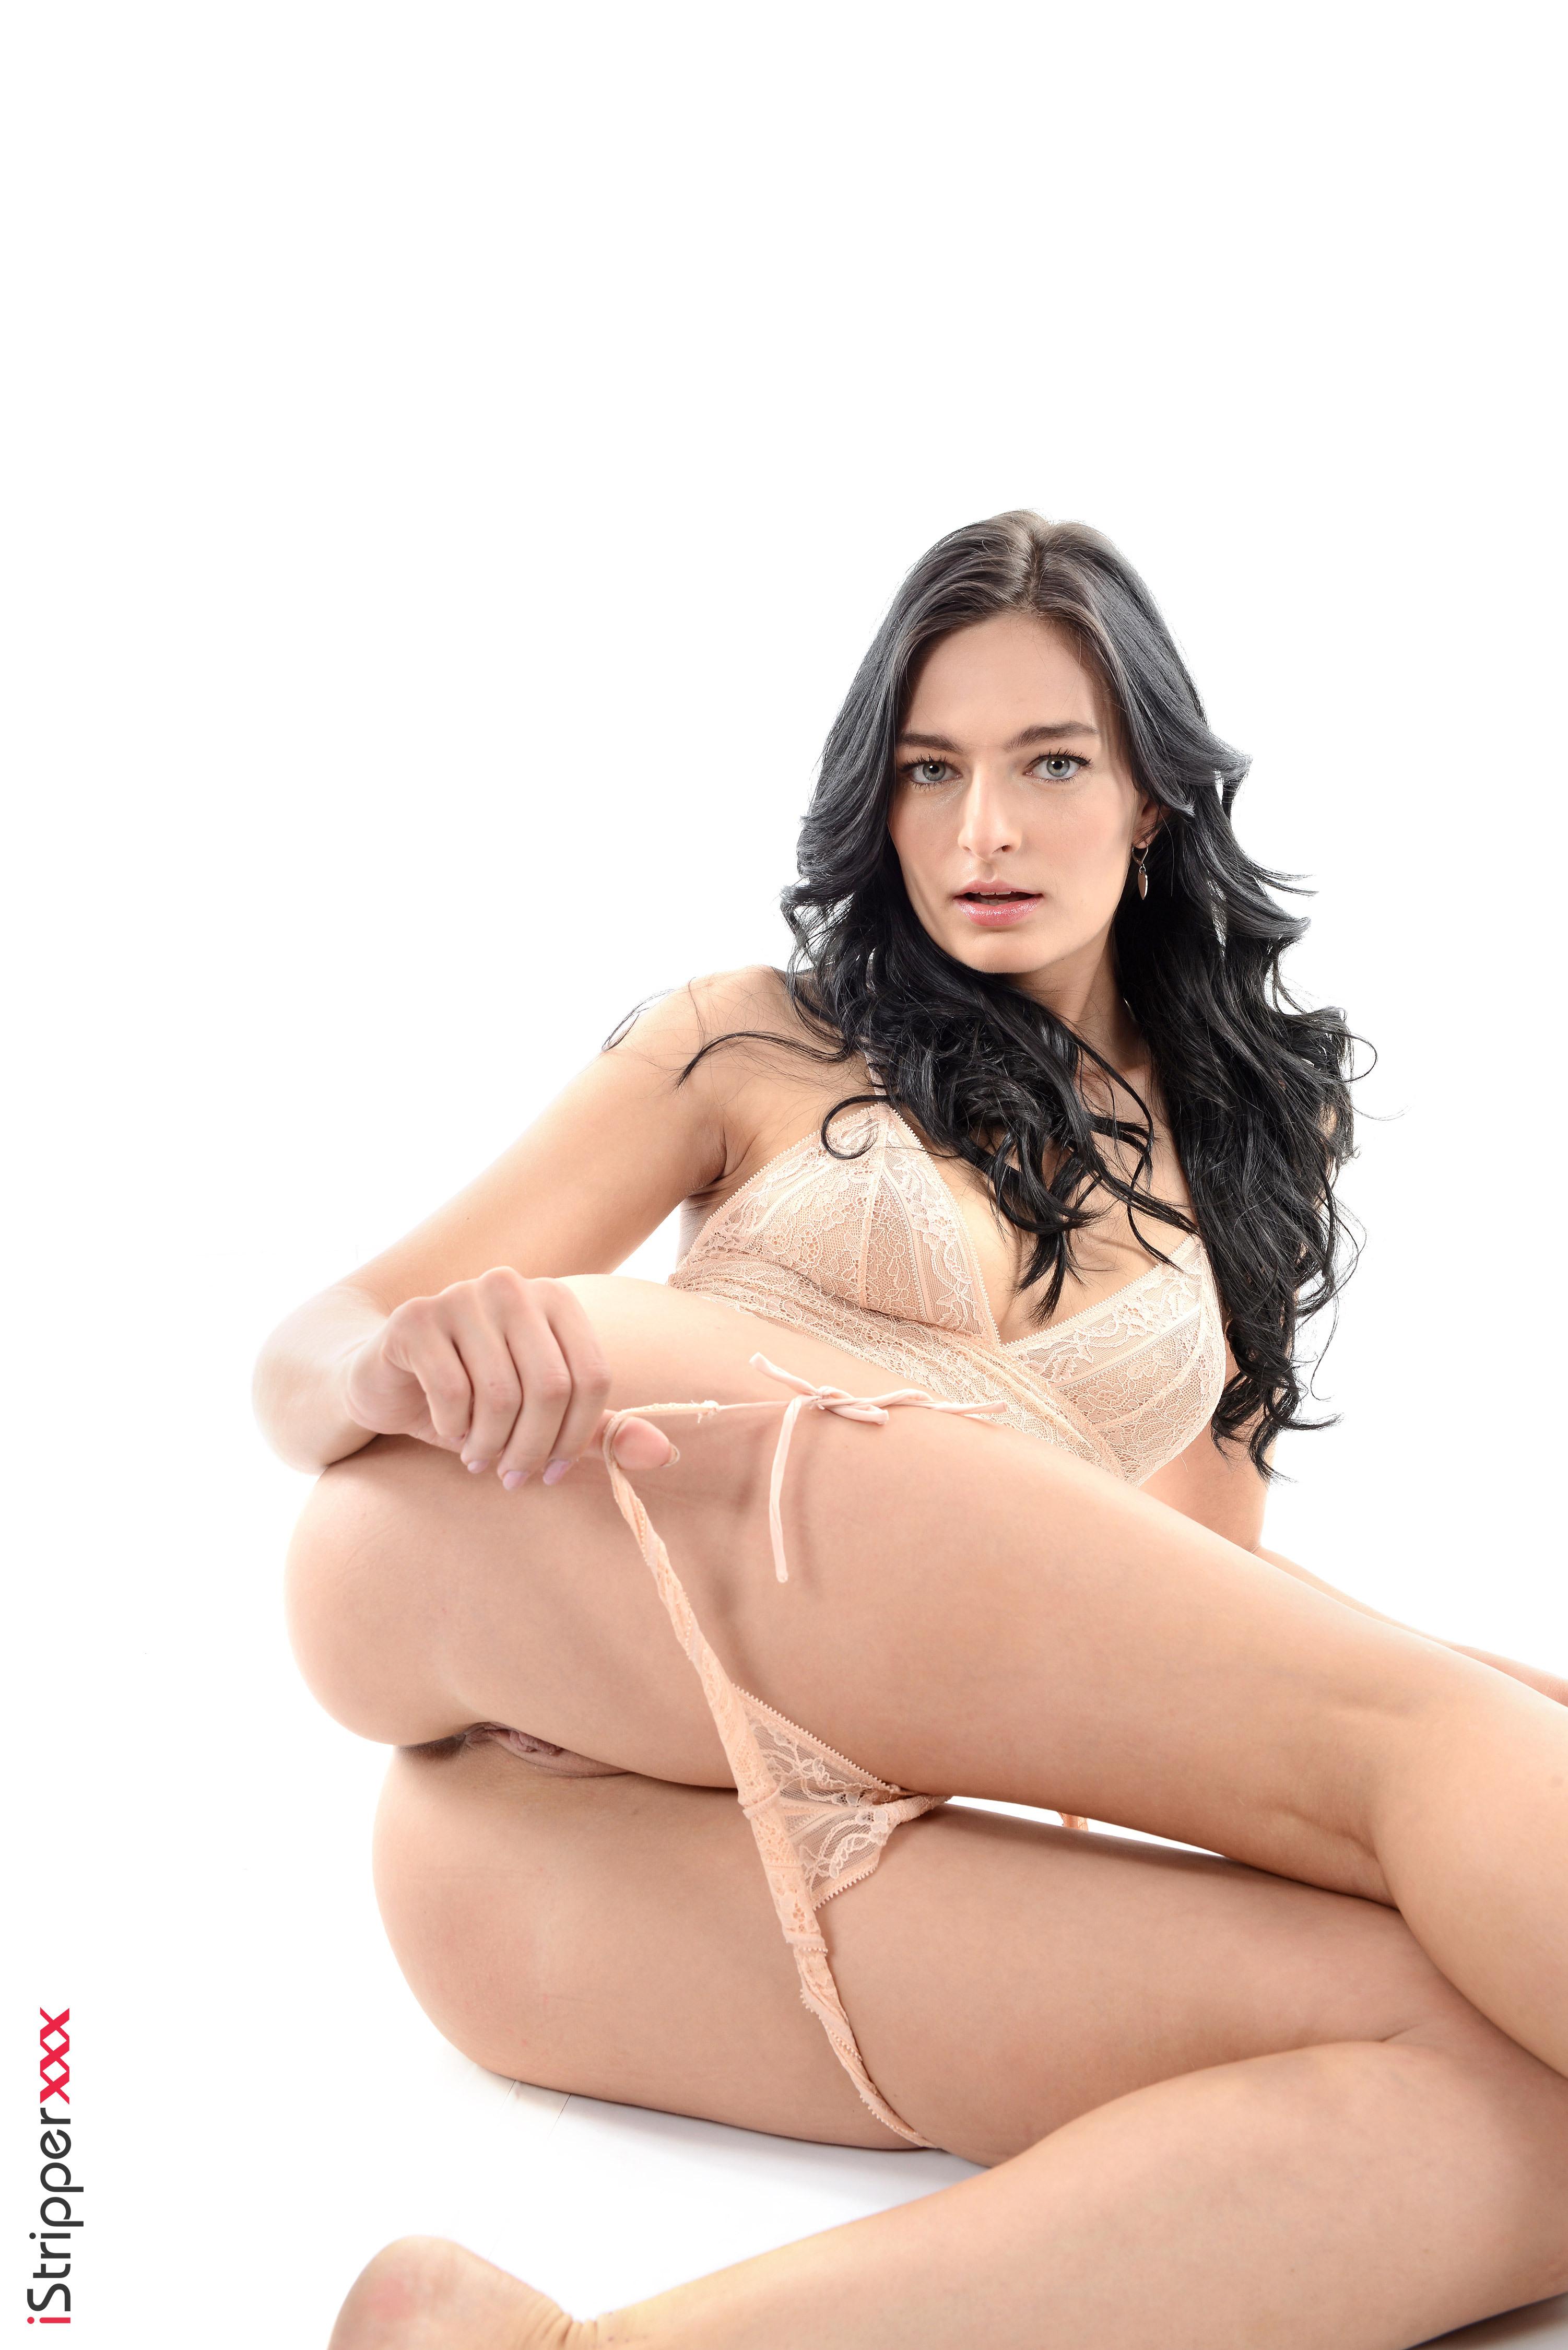 desktop stripper istripper